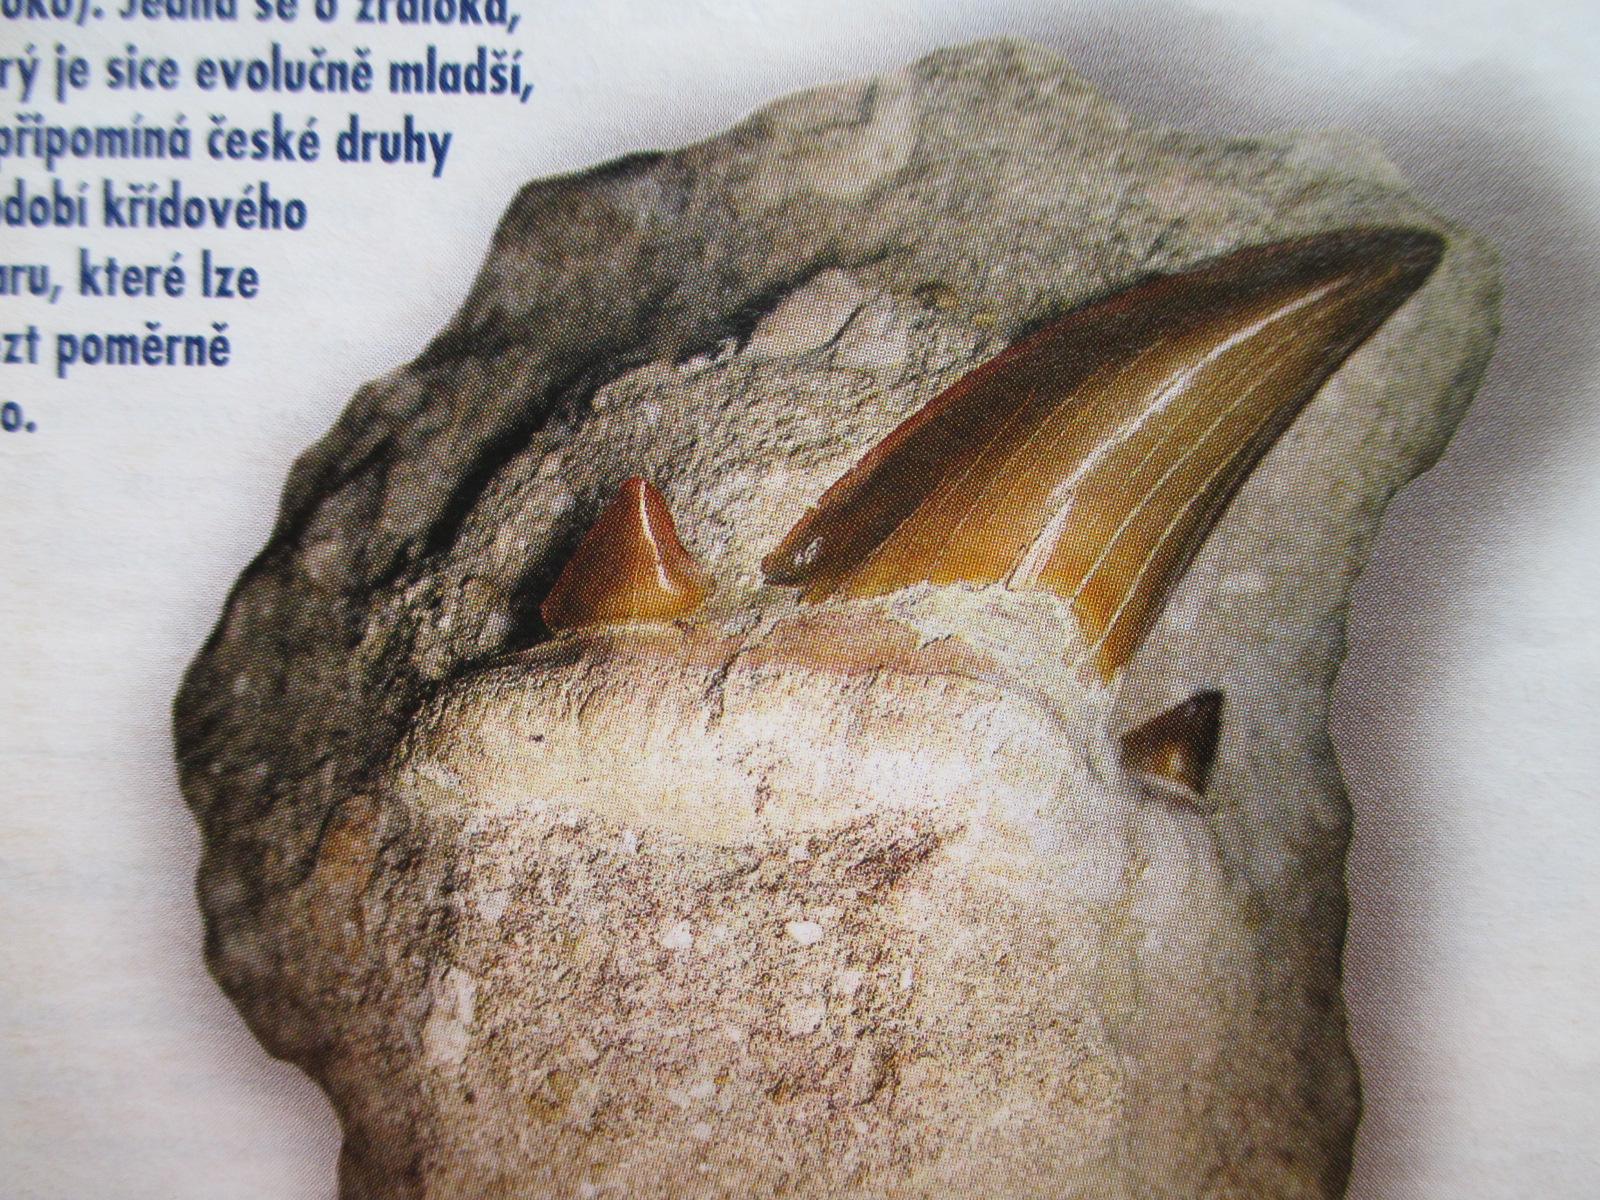 žraločí zub z lomu